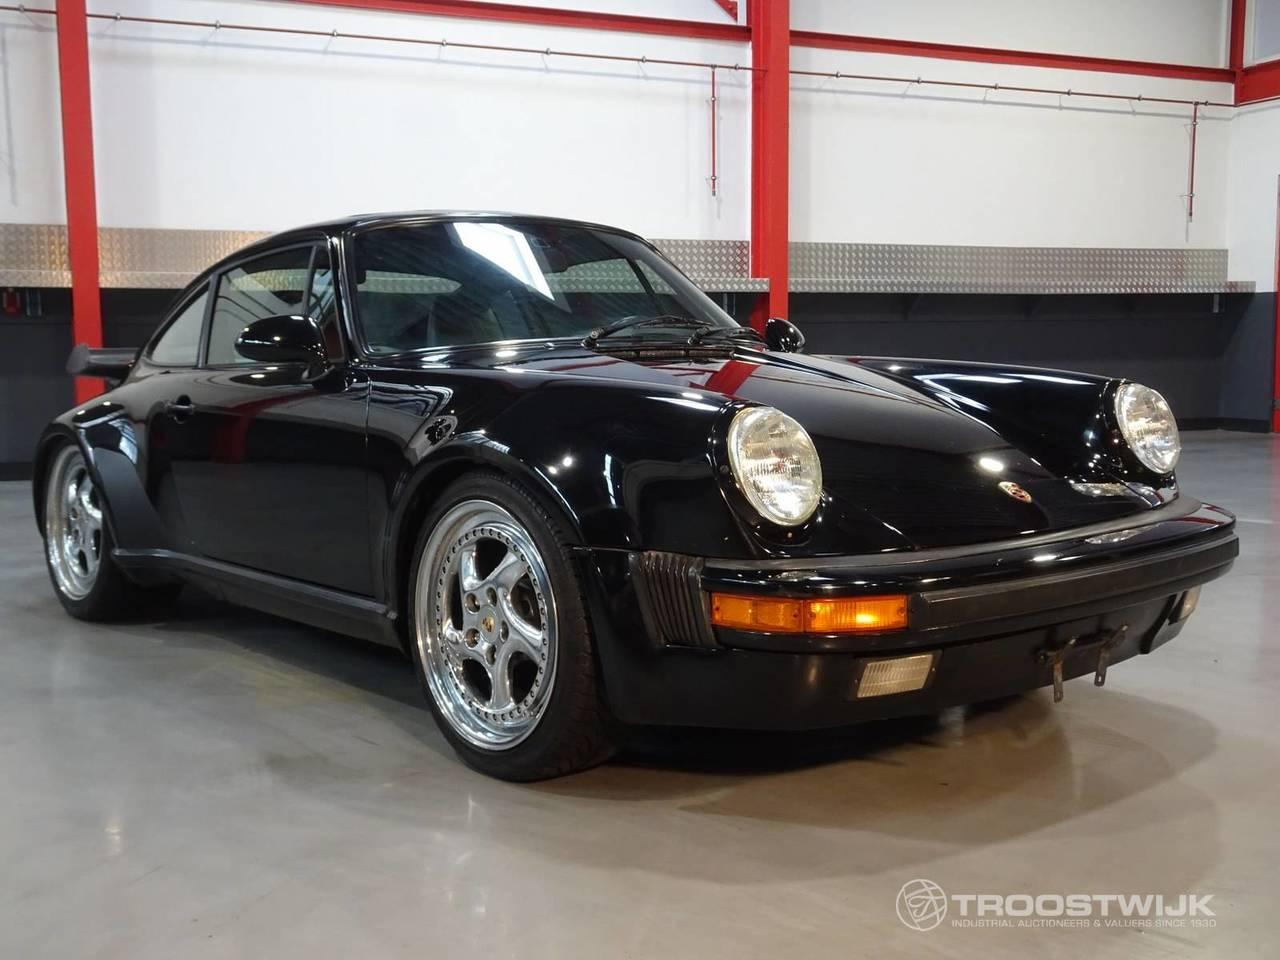 Porsche Porsche 930 Turbo Sunroof Coupe 3 0l 930 Turbo Sunroof